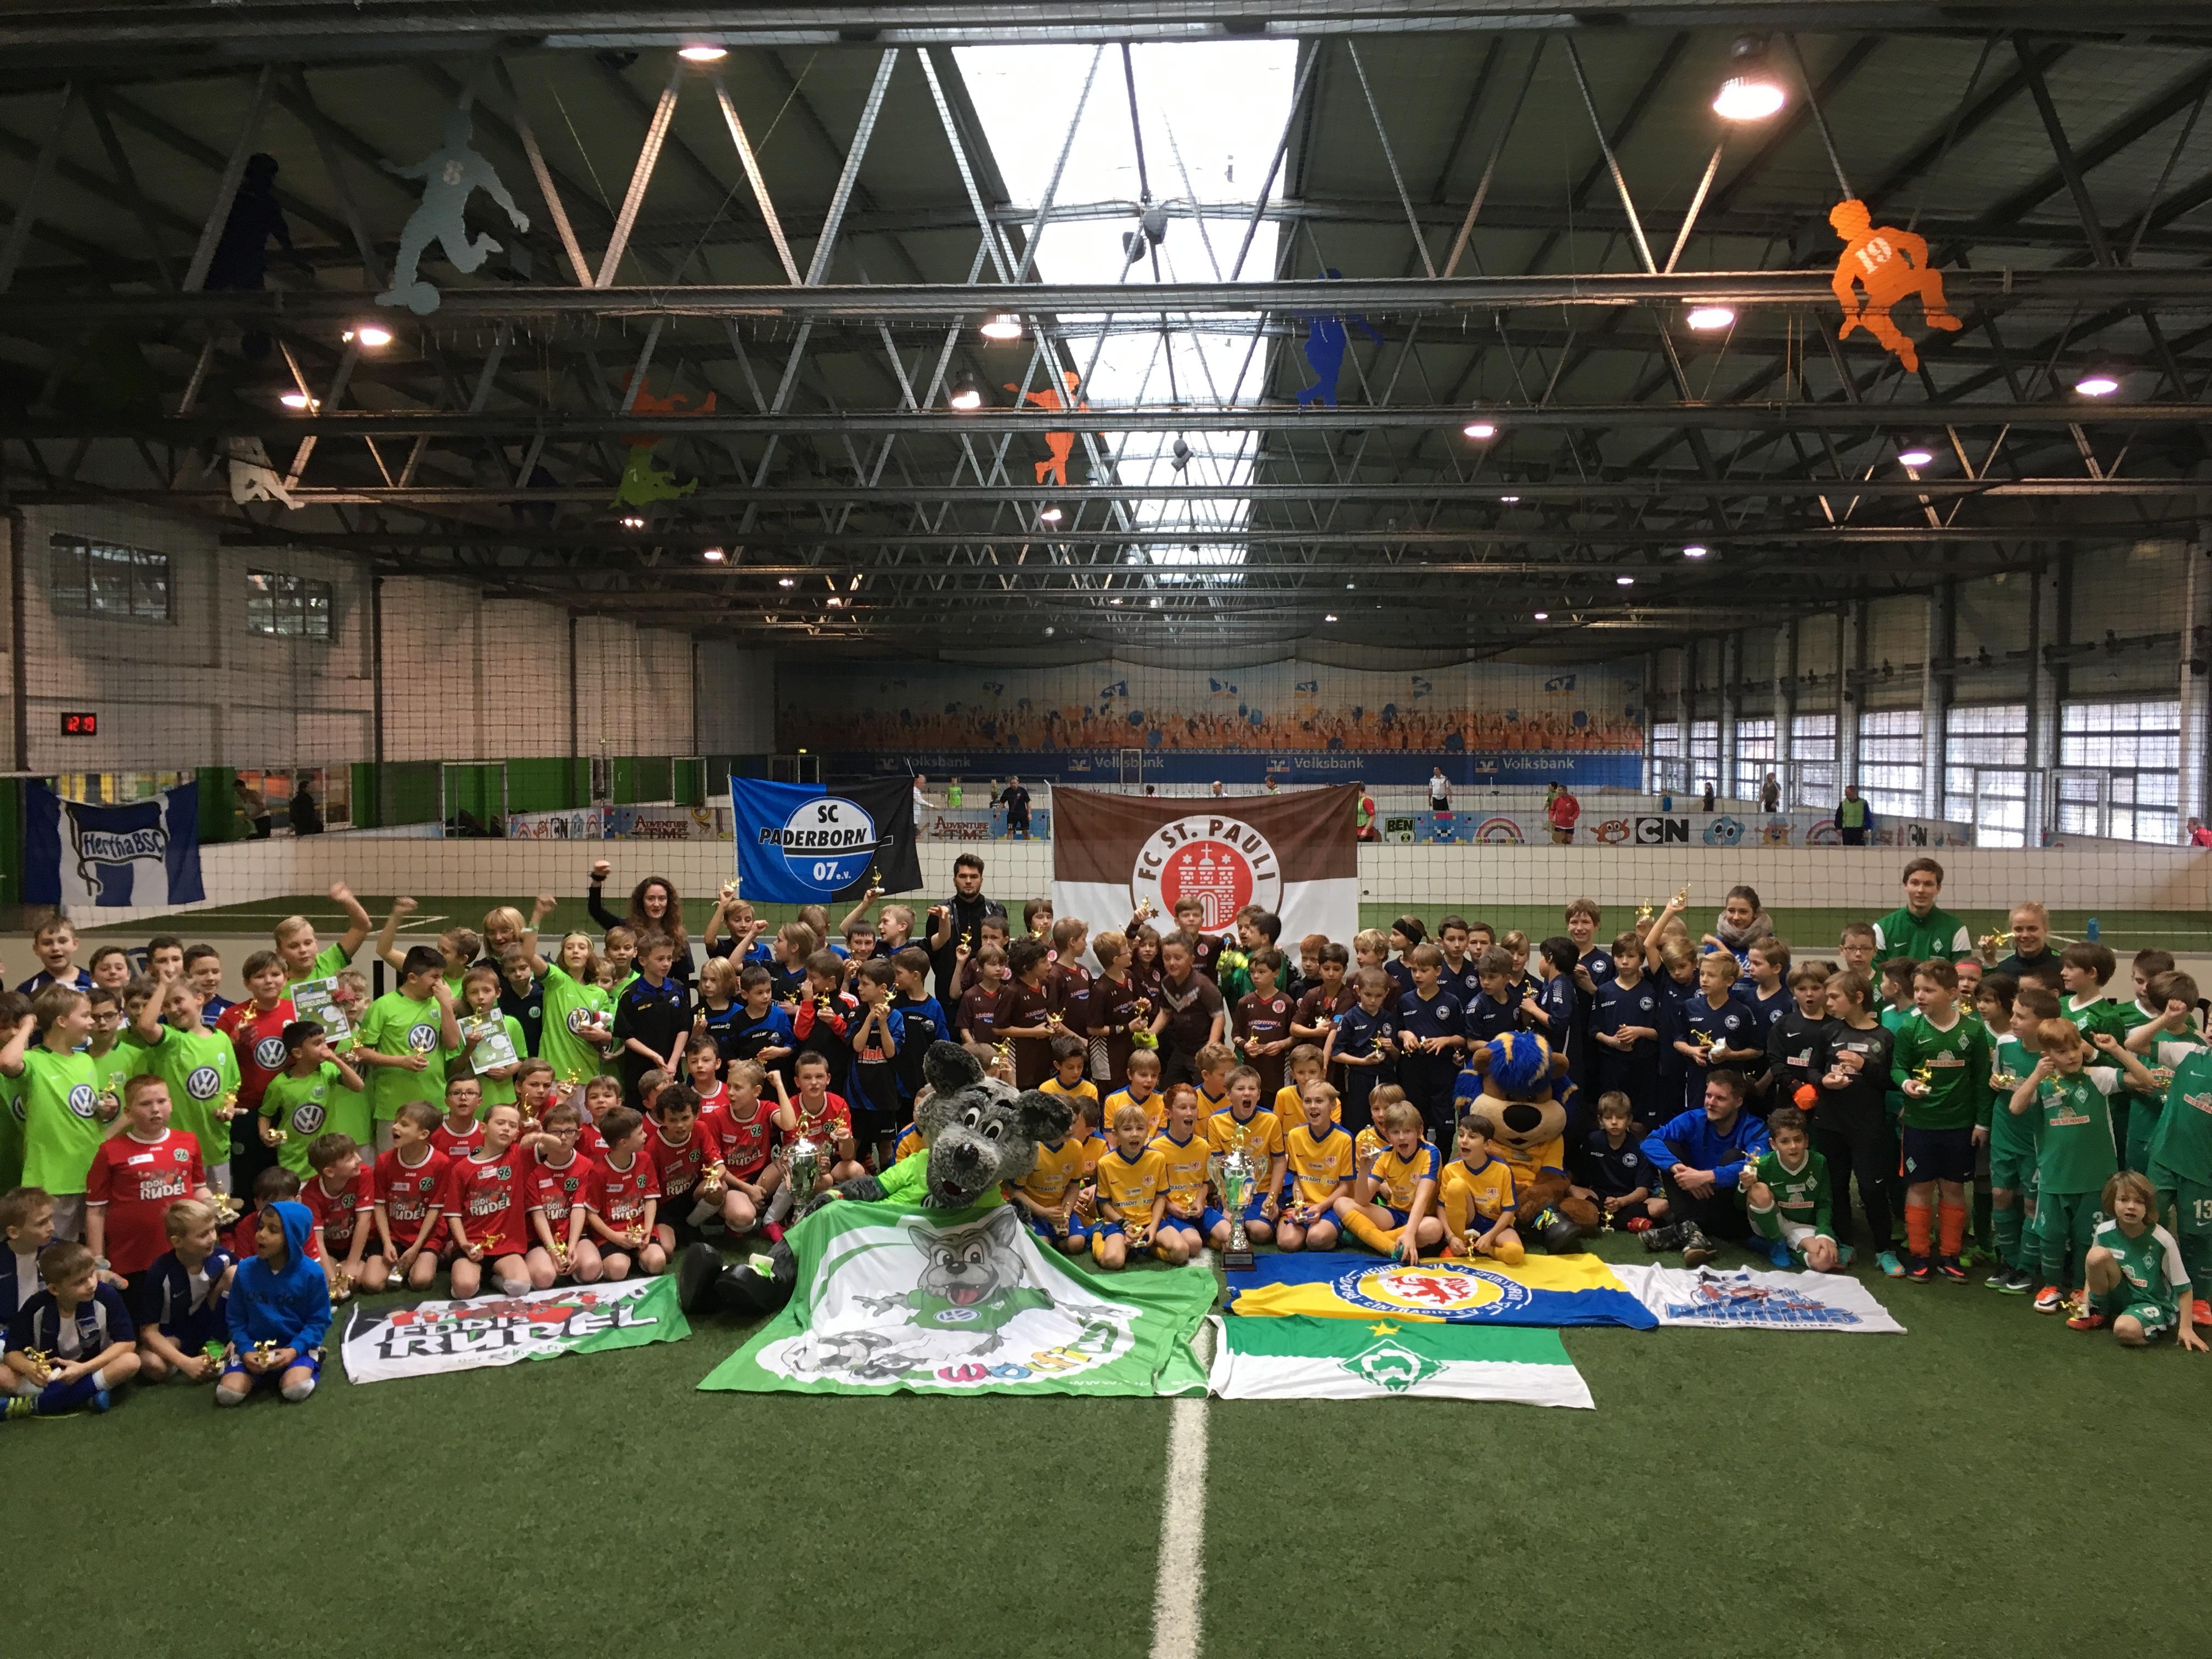 FC St. Pauli Rabauken erobern die Kids-Club Meisterschaft in Wolfsburg